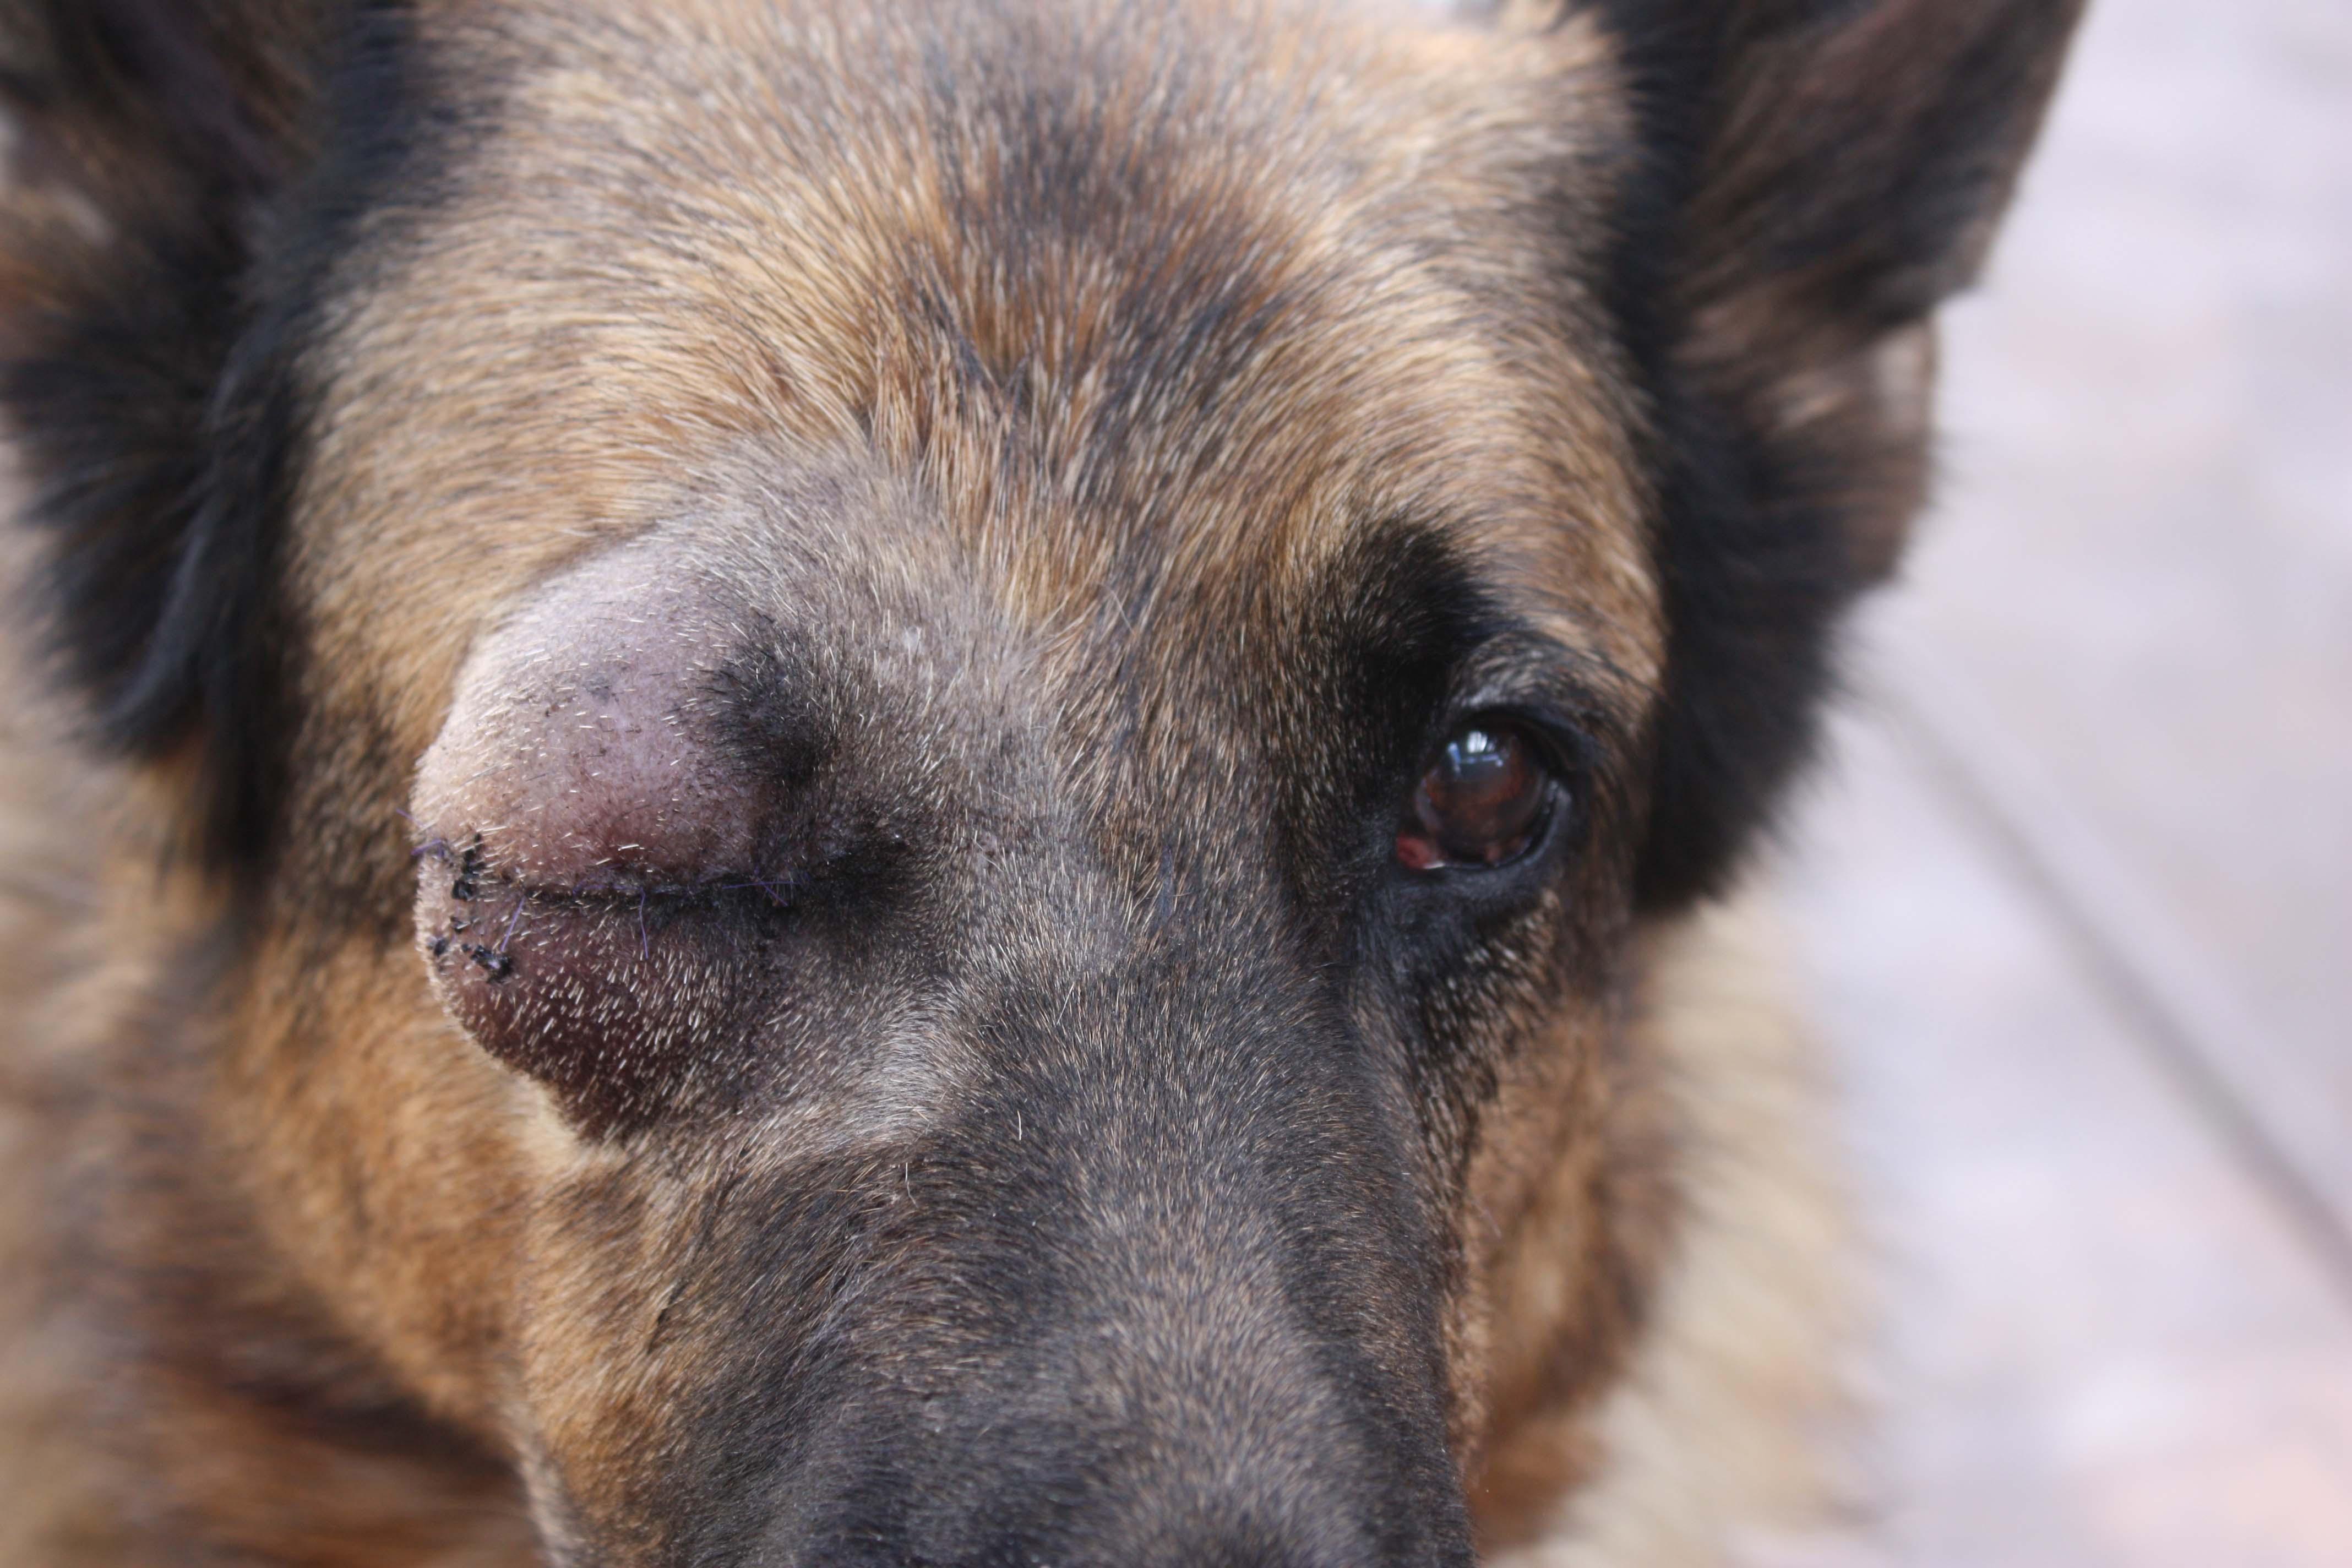 Dogs Paw Swollen Post Op